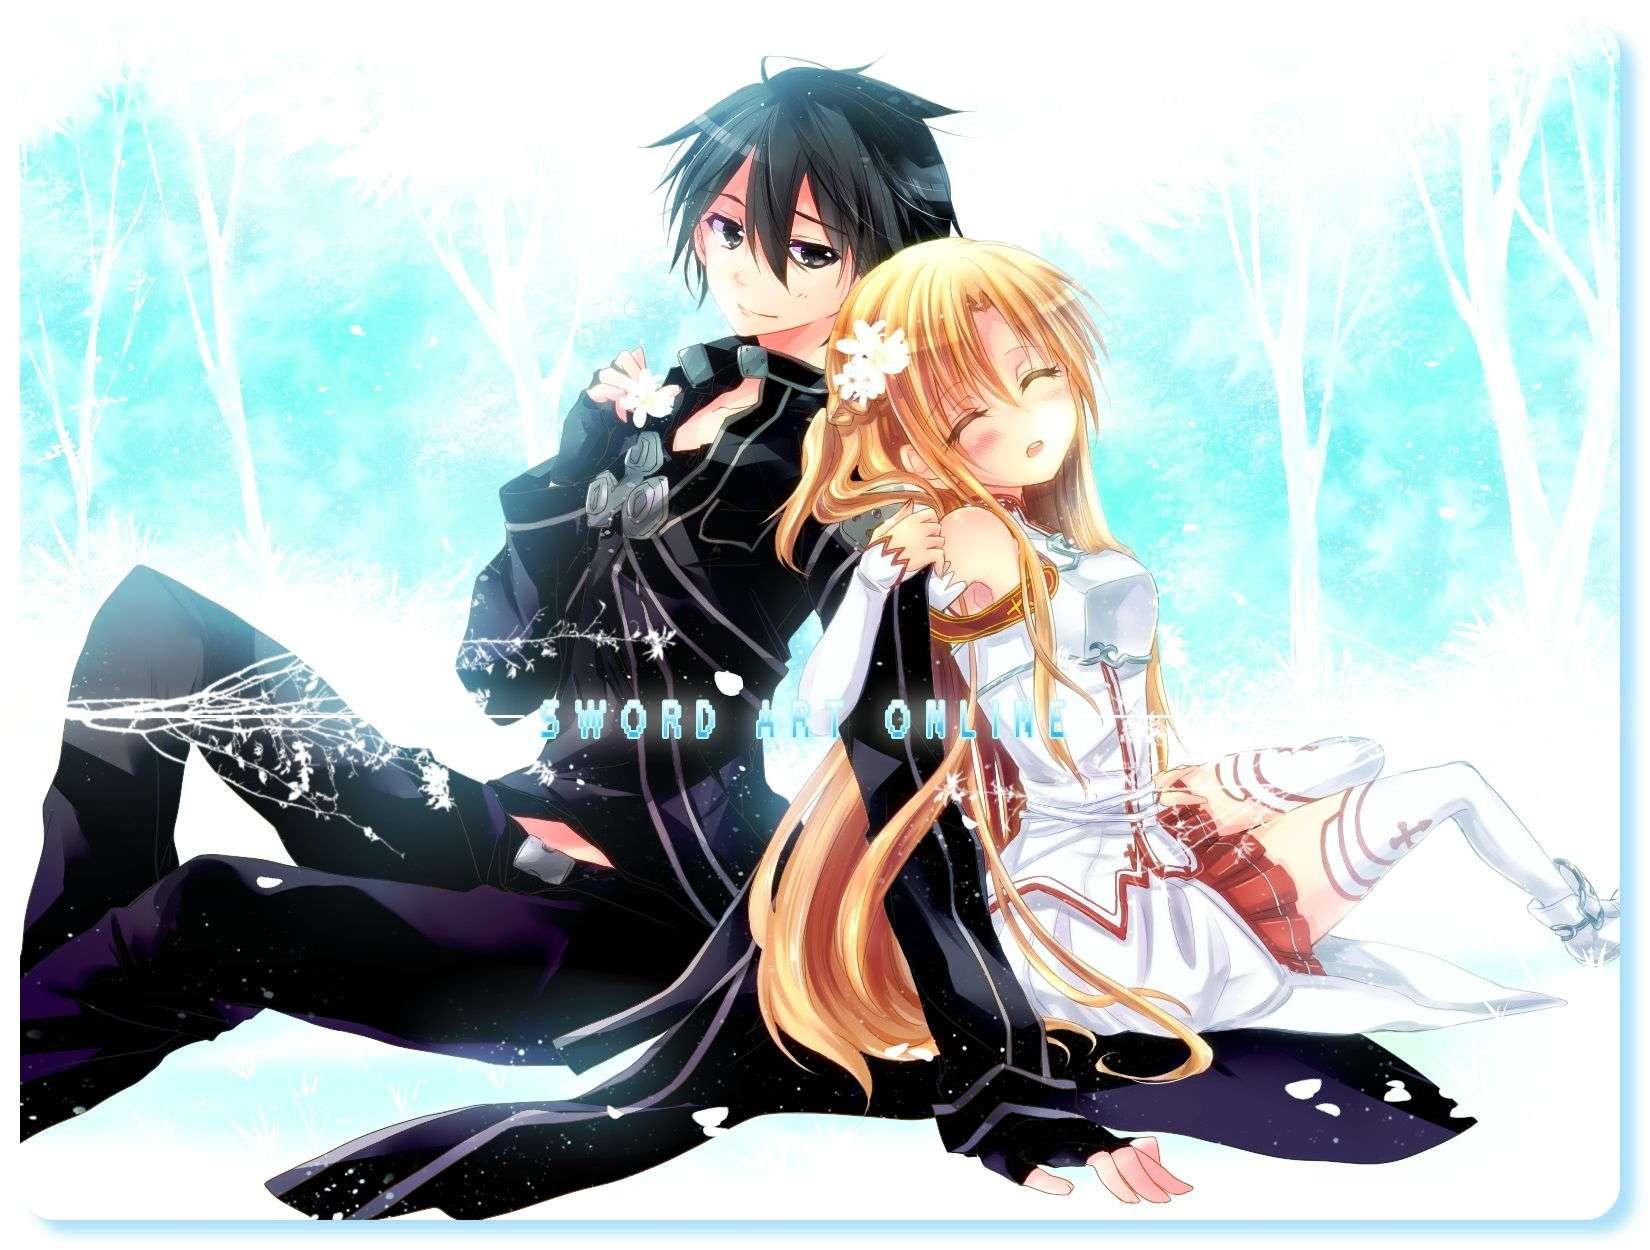 Sword Art Online Anime Wallpaper 042